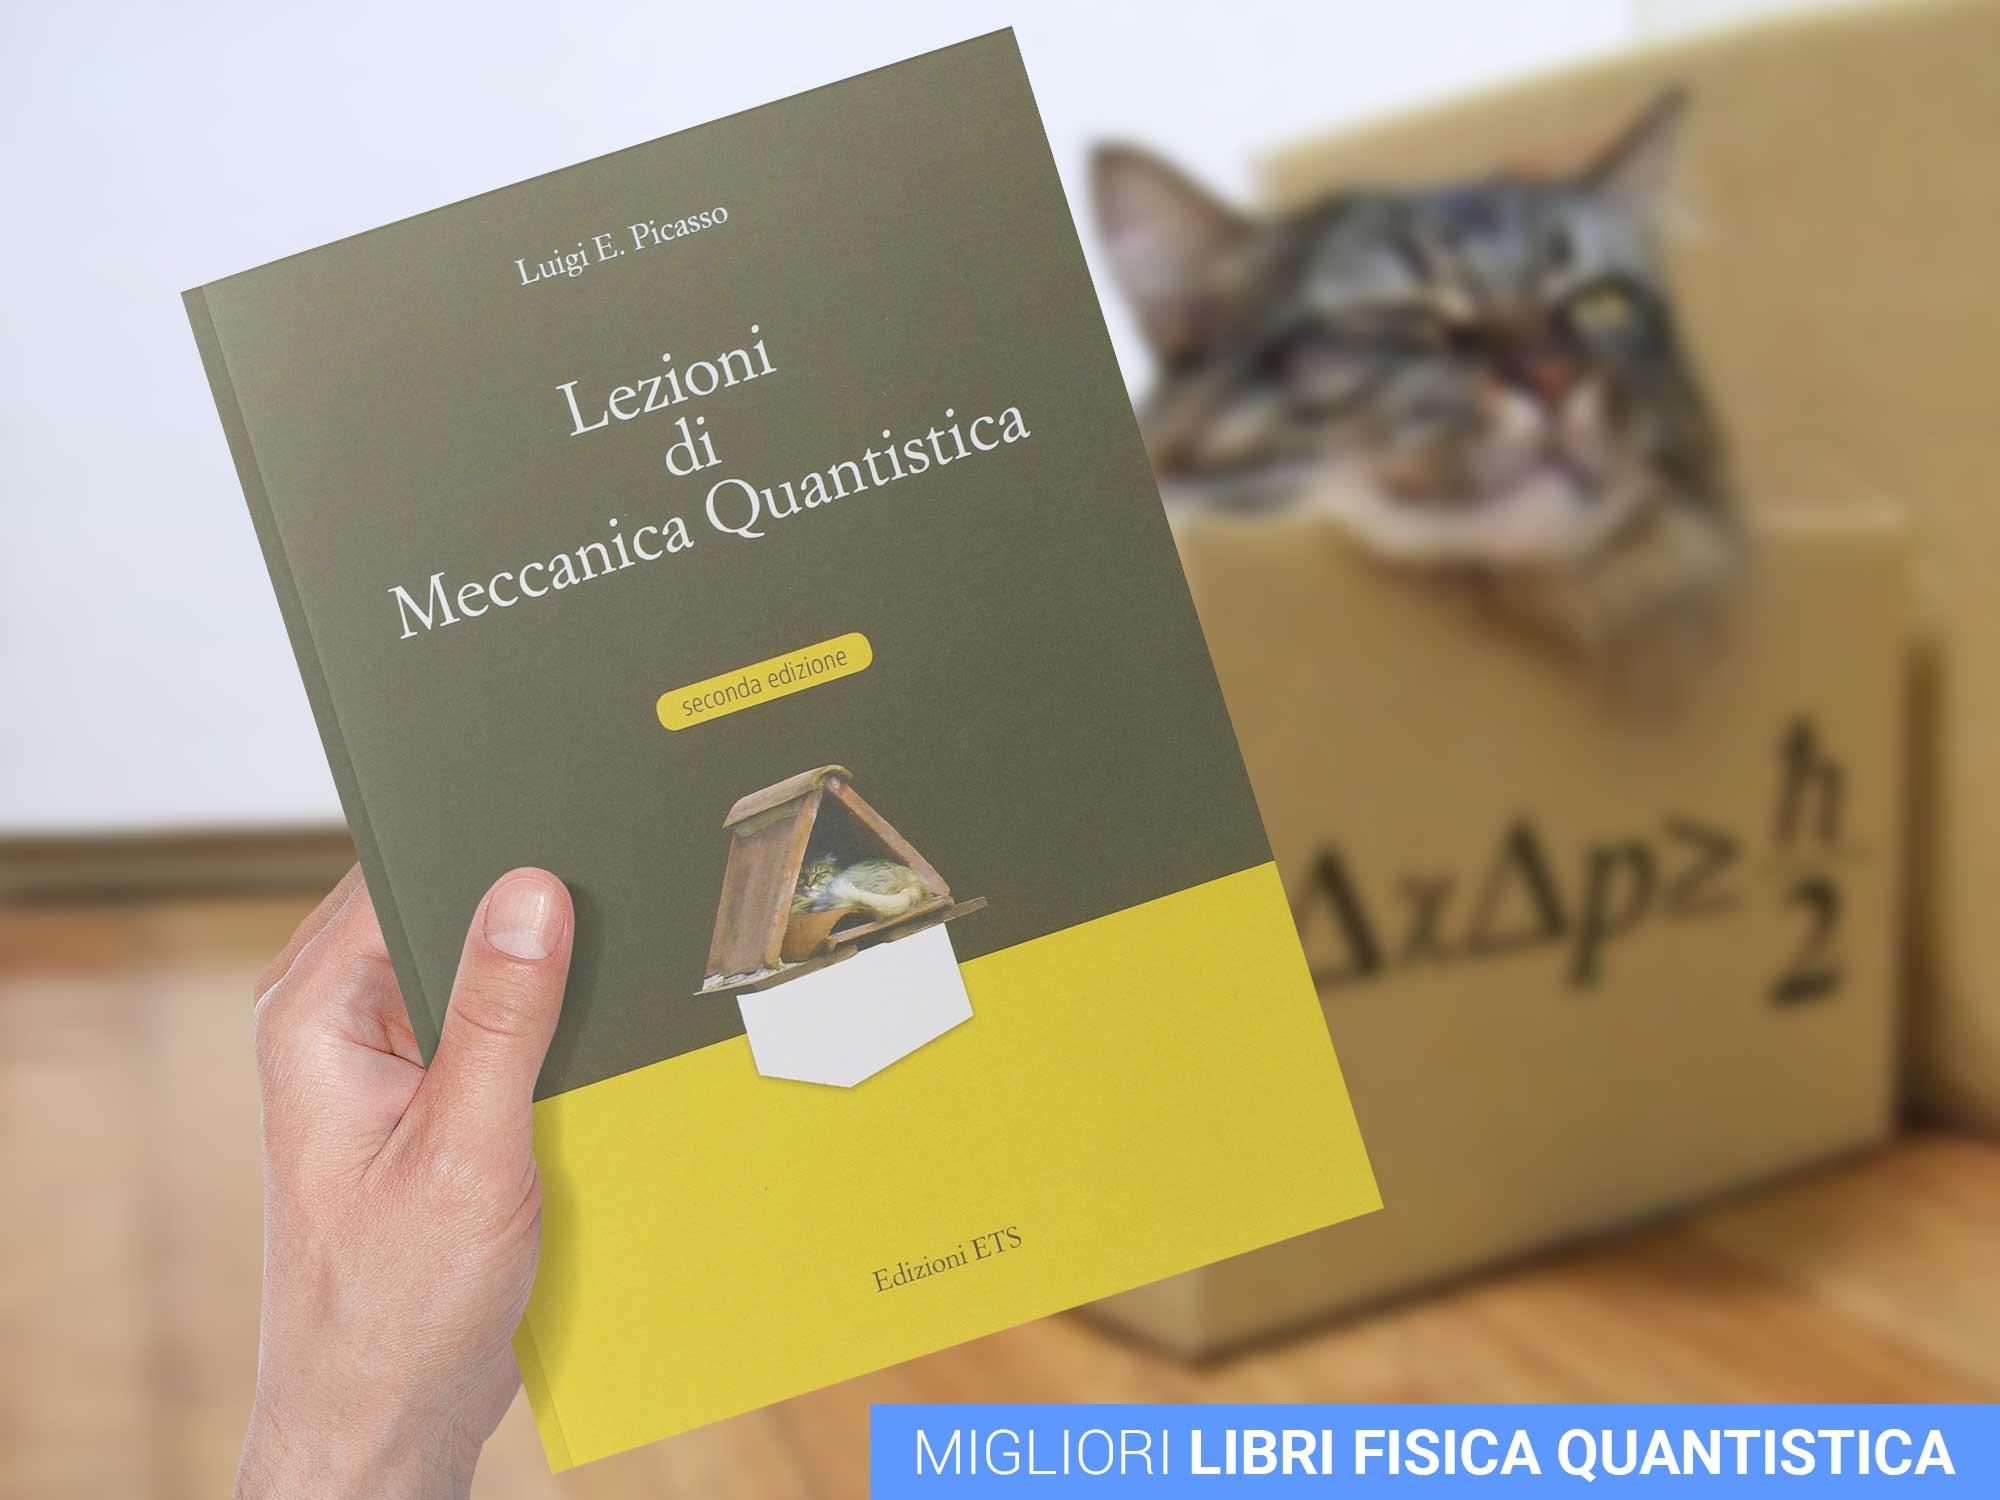 Lezioni-di-meccanica-quantistica